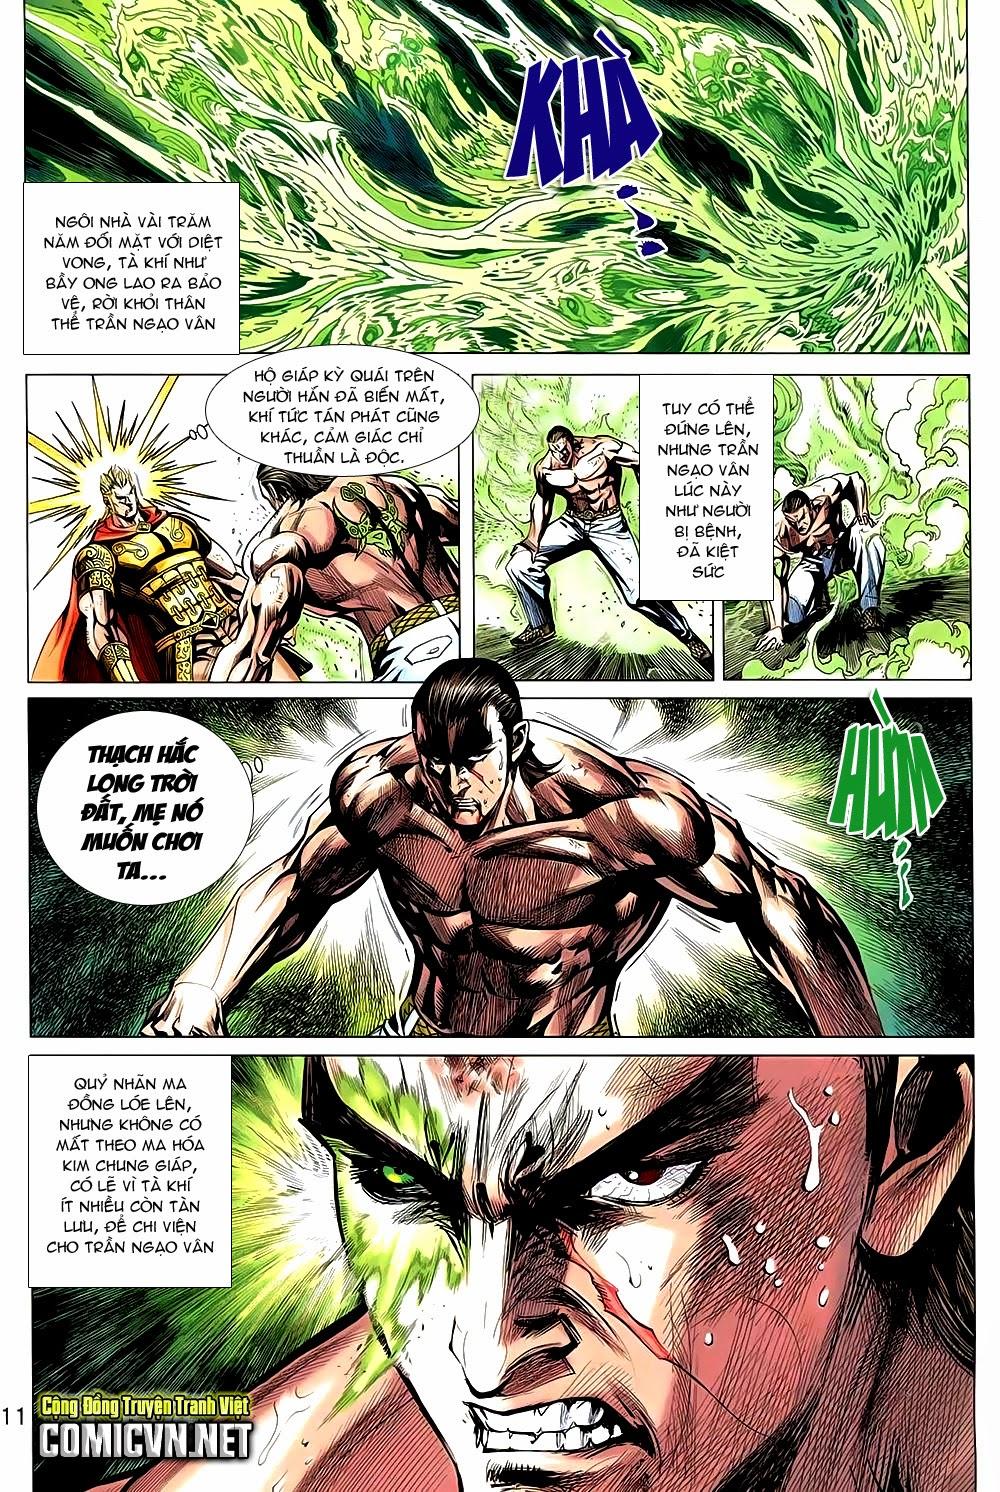 Thạch Hắc Long Truyện Chap 90 - Trang 11